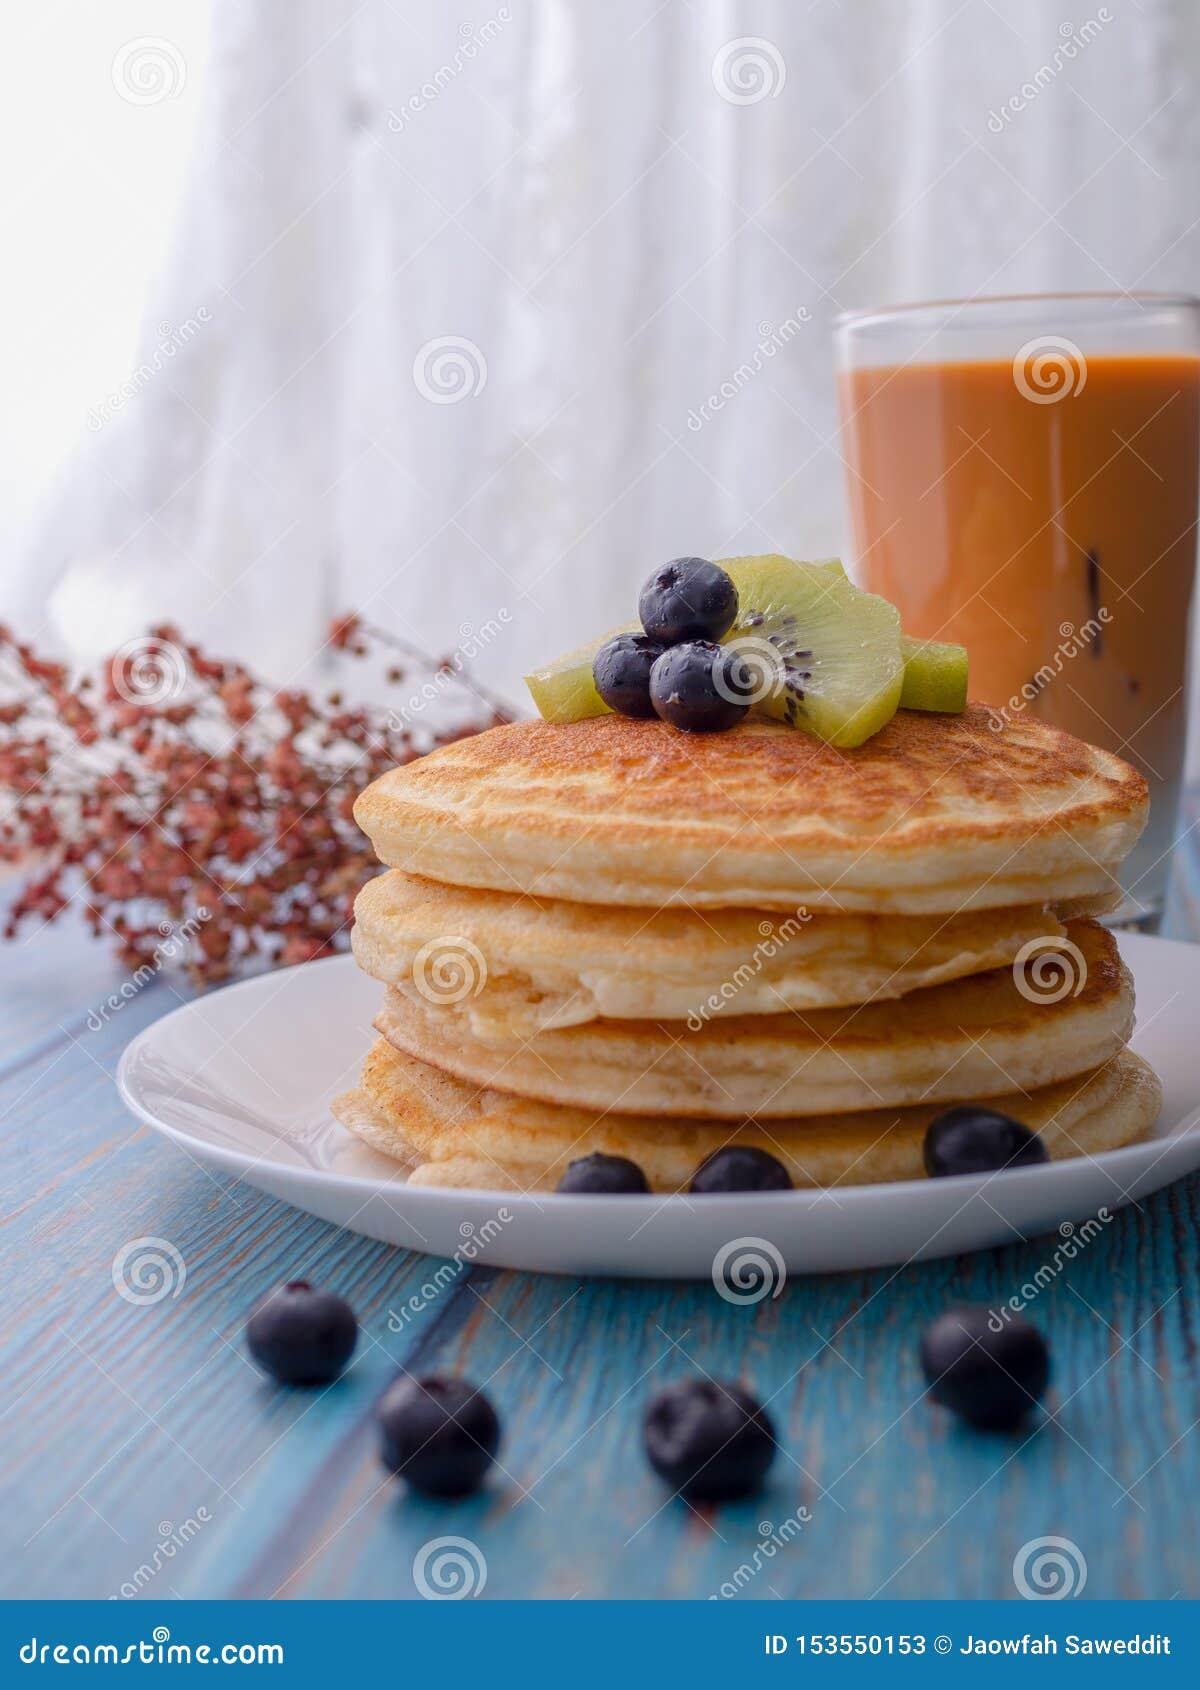 Σωρός των τηγανιτών με το κάλυμμα, το ακτινίδιο και το βακκίνιο τοποθετημένος σε ένα άσπρο πιάτο σε έναν μπλε ξύλινο πίνακα Φάτε